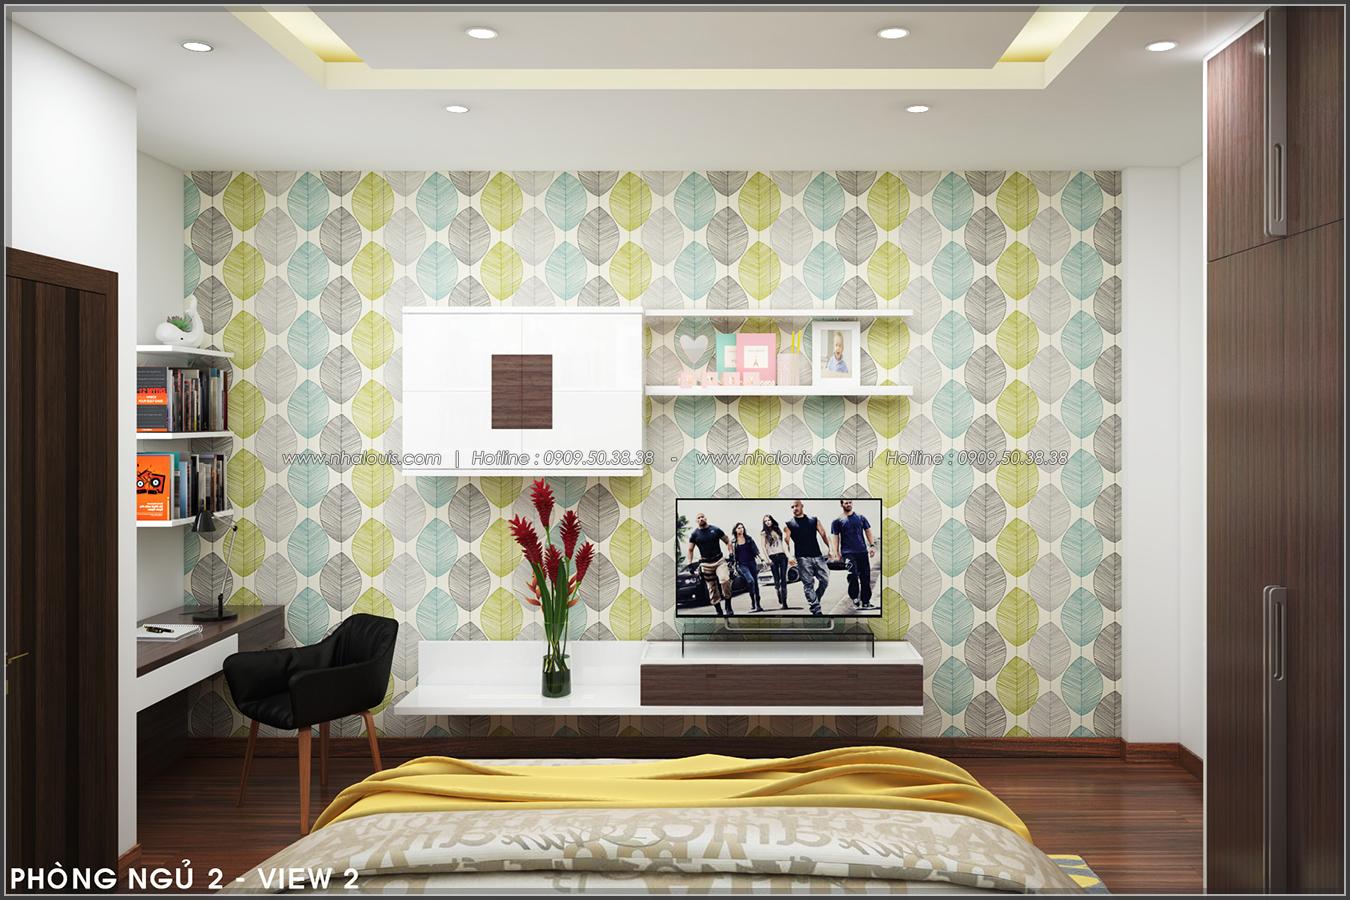 Thiết kế nội thất nhà ống đẹp tone gỗ ấm áp và sang trọng quận Tân Bình - 11